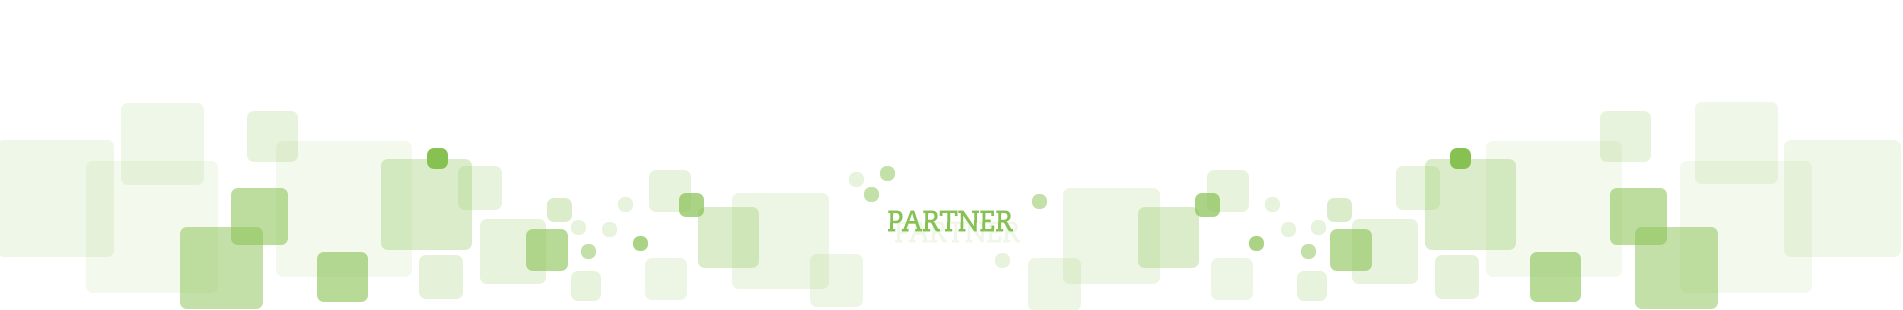 Motiv: Header Partner Gerbercom.